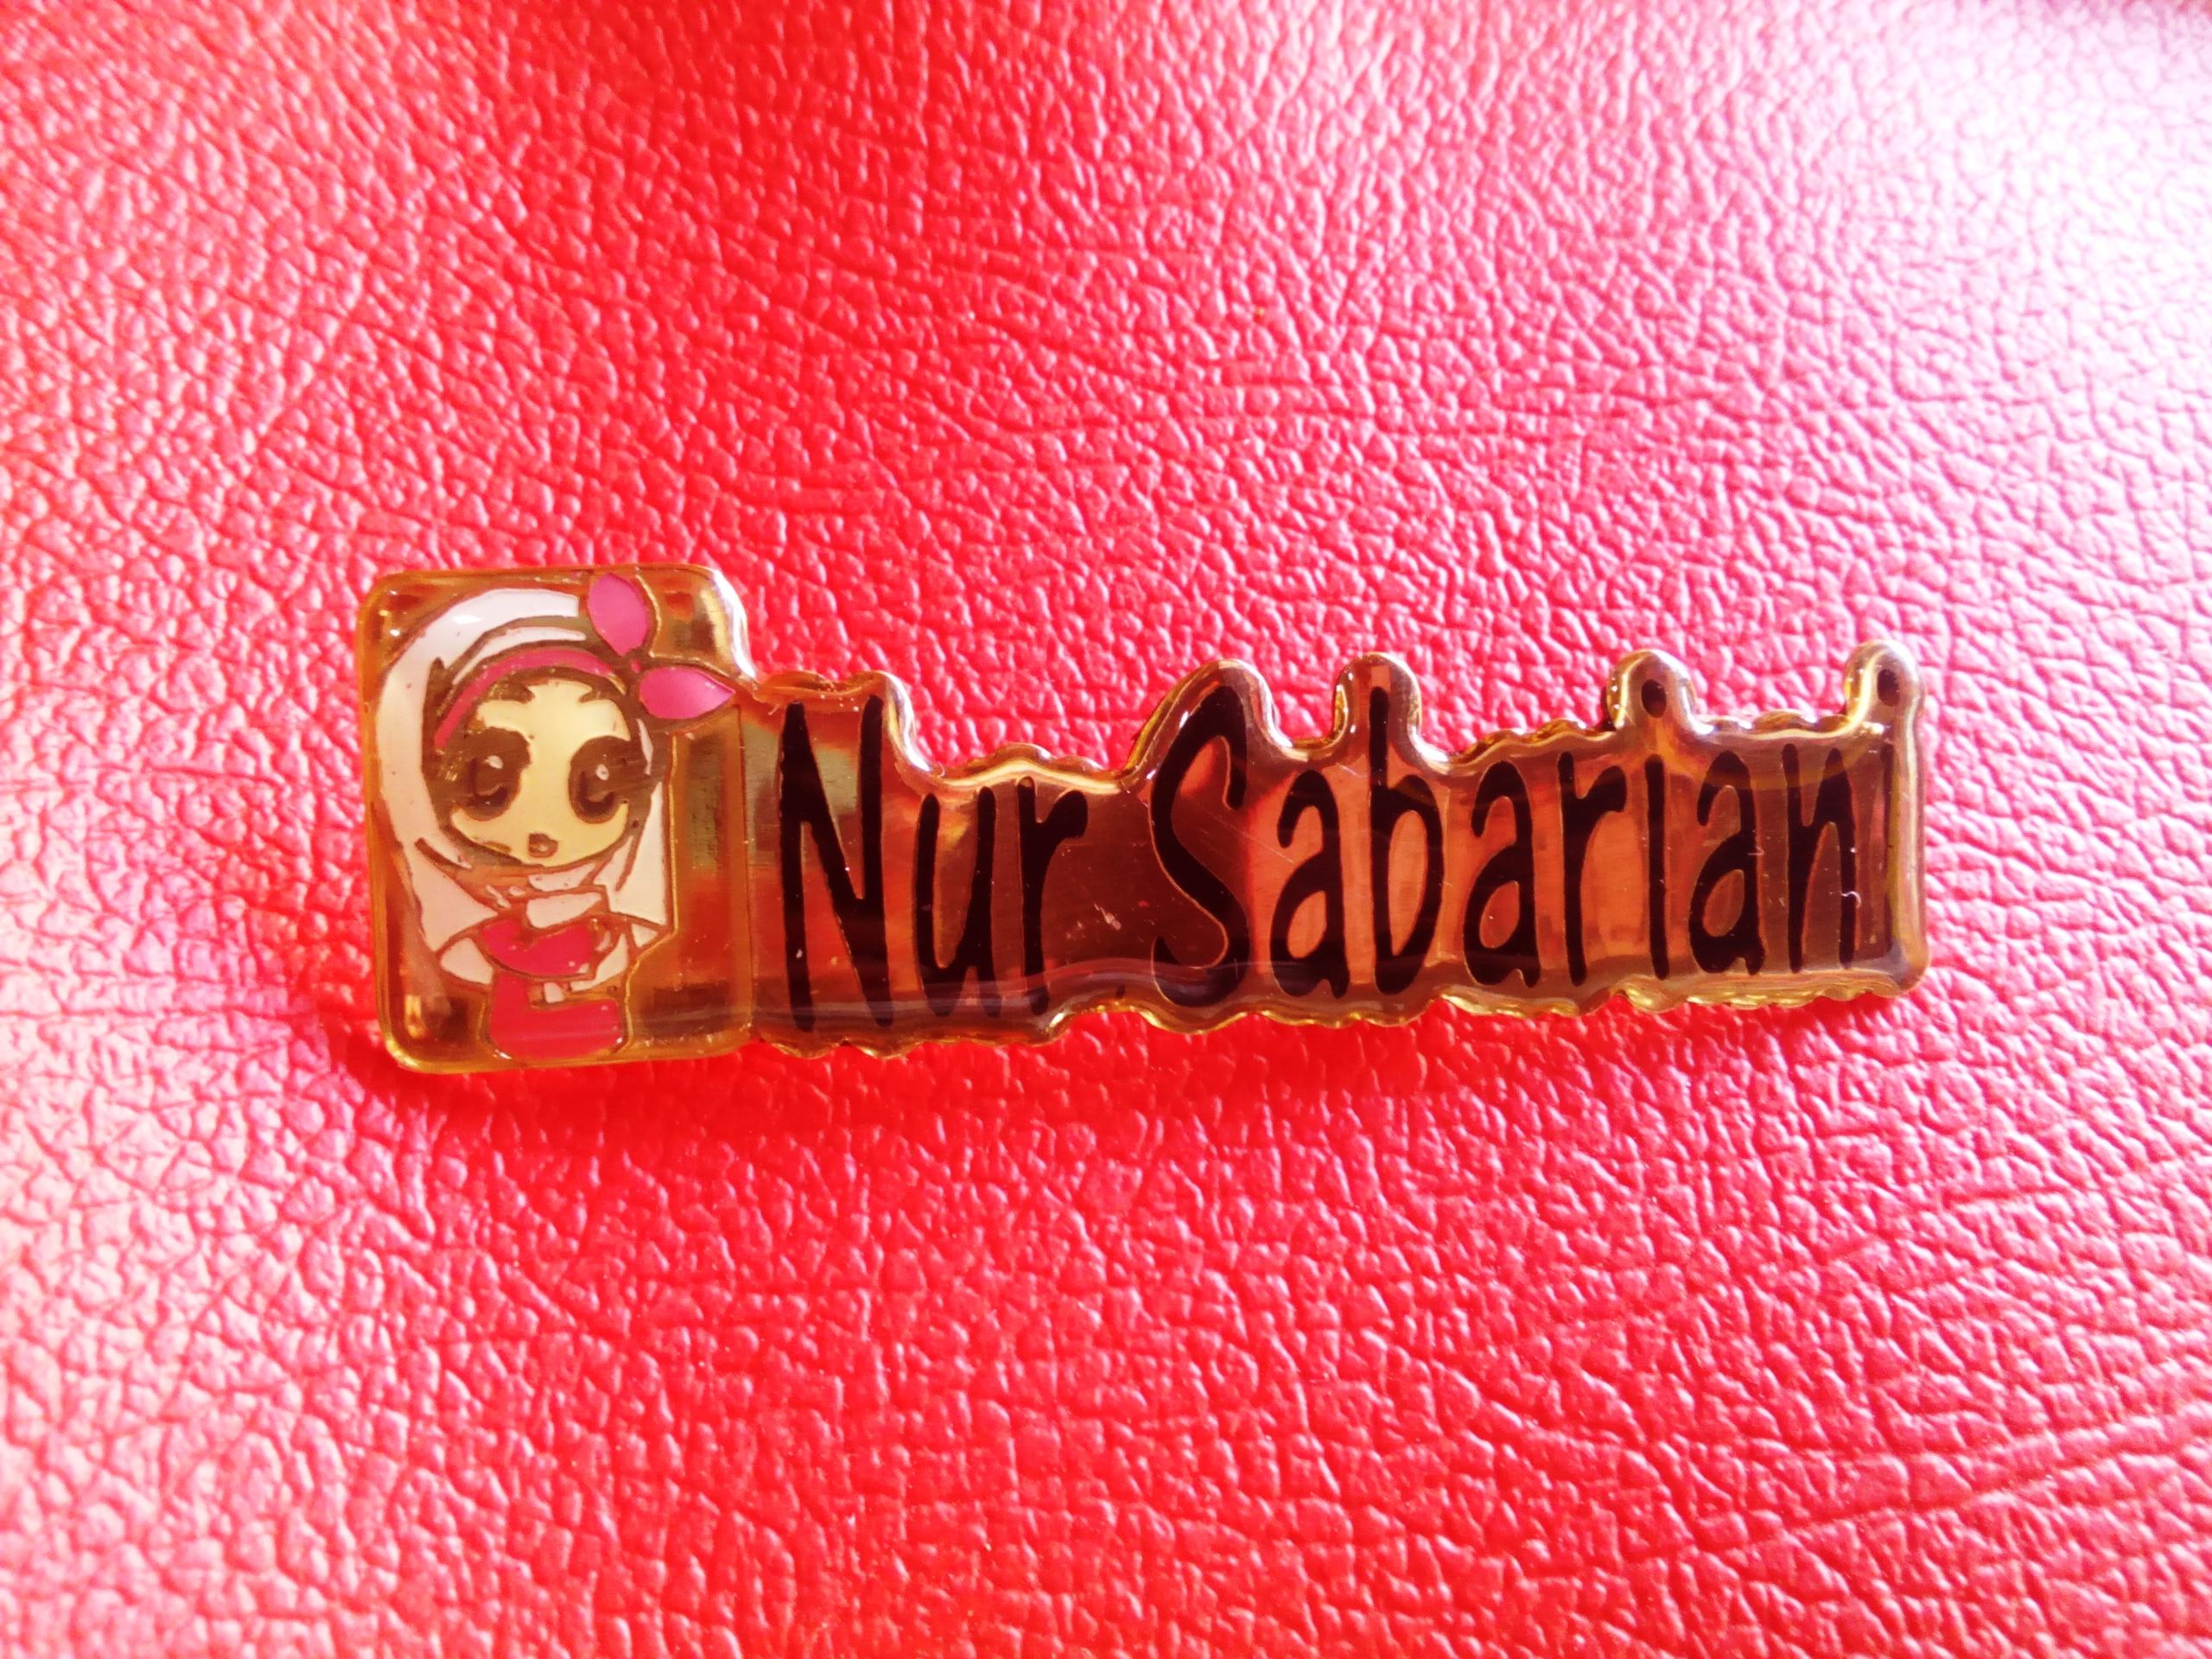 Nama Dada Unik Logo Kartun Jilbab Kalimantan Mai Pusat Name